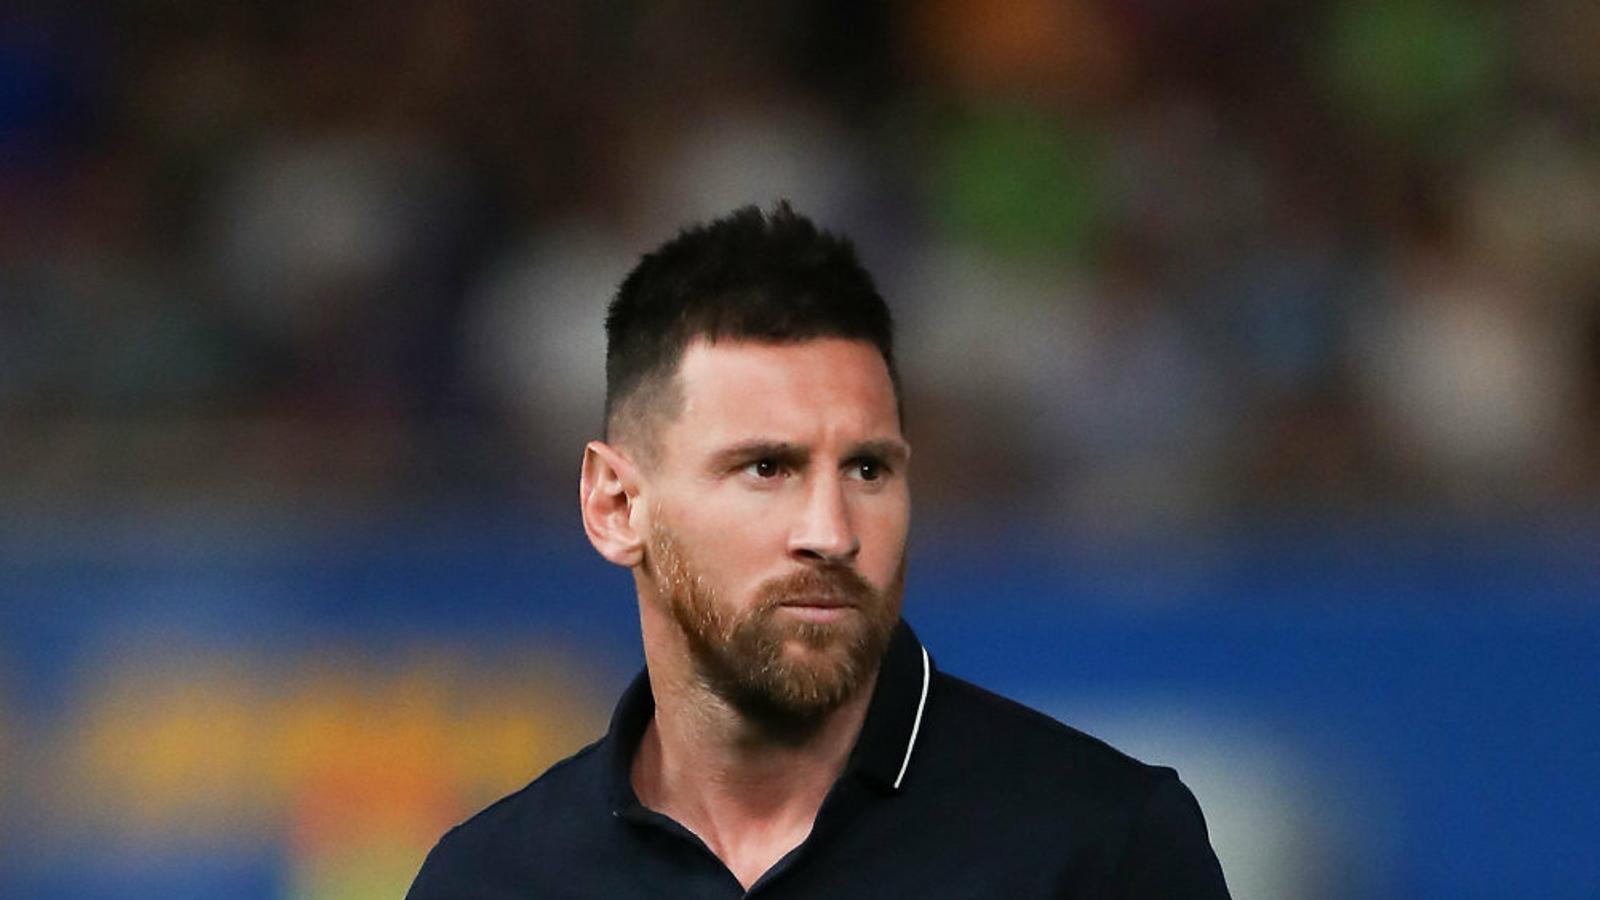 Leo Messi en la inauguració de l'estadi Johan Cruyff dimarts al vespre a Sant Joan Despí.